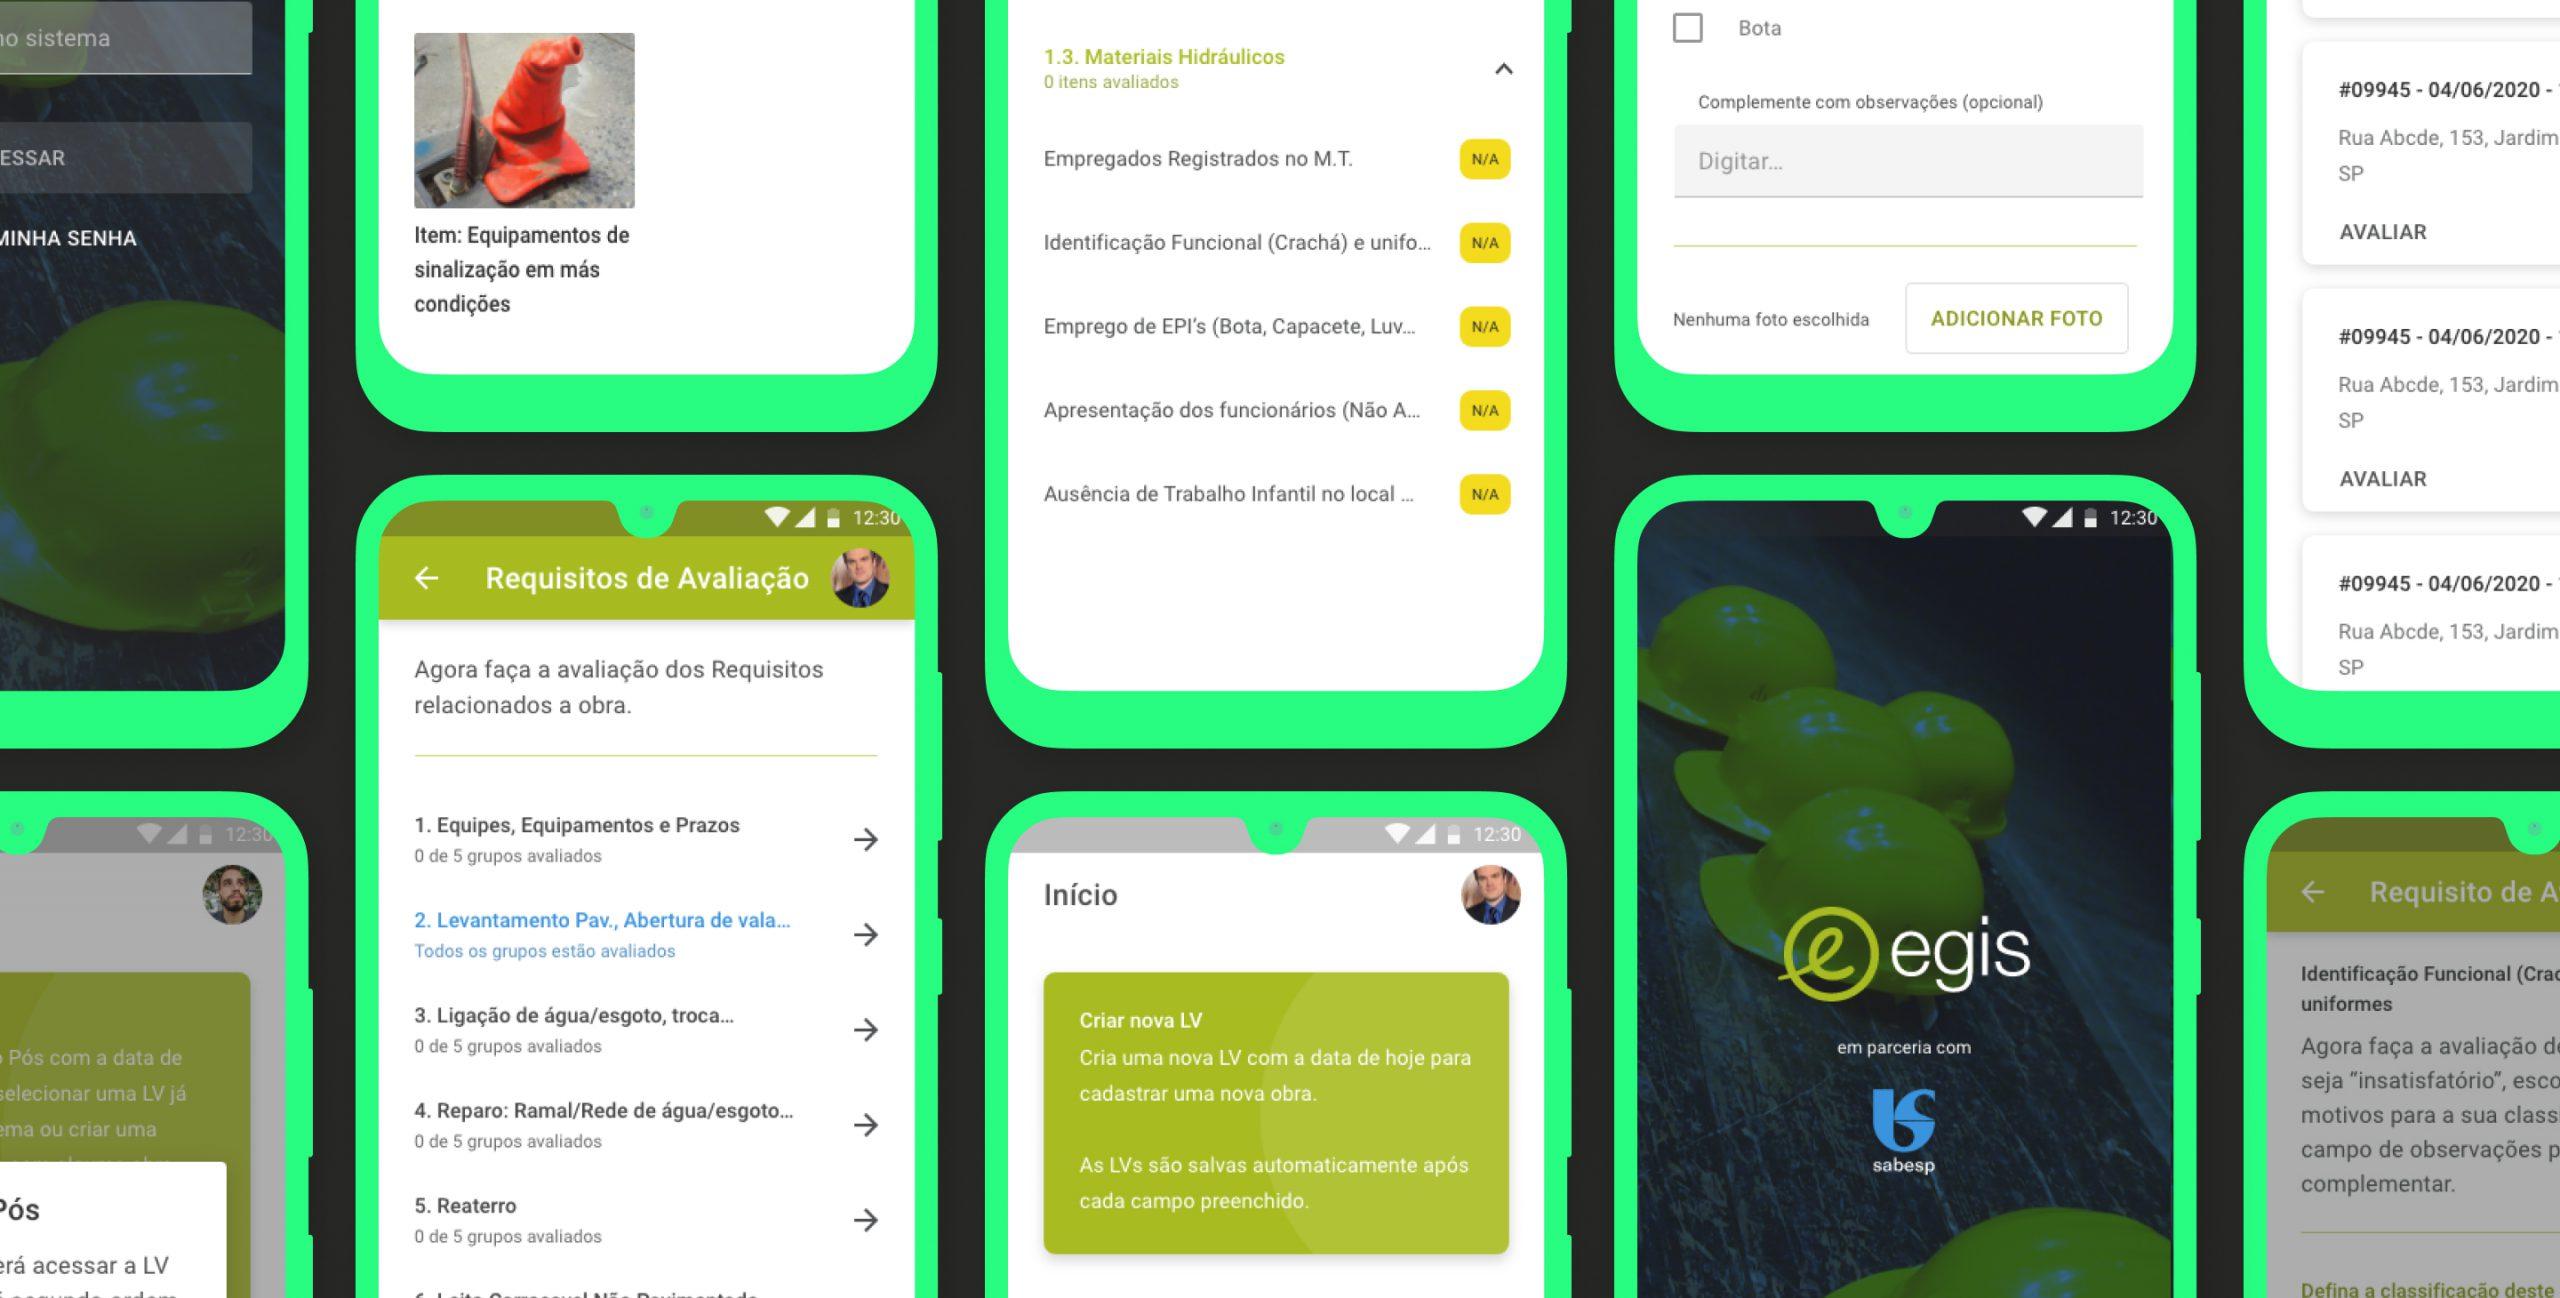 arte com mockups do aplicativo Android da Egis Brasil.